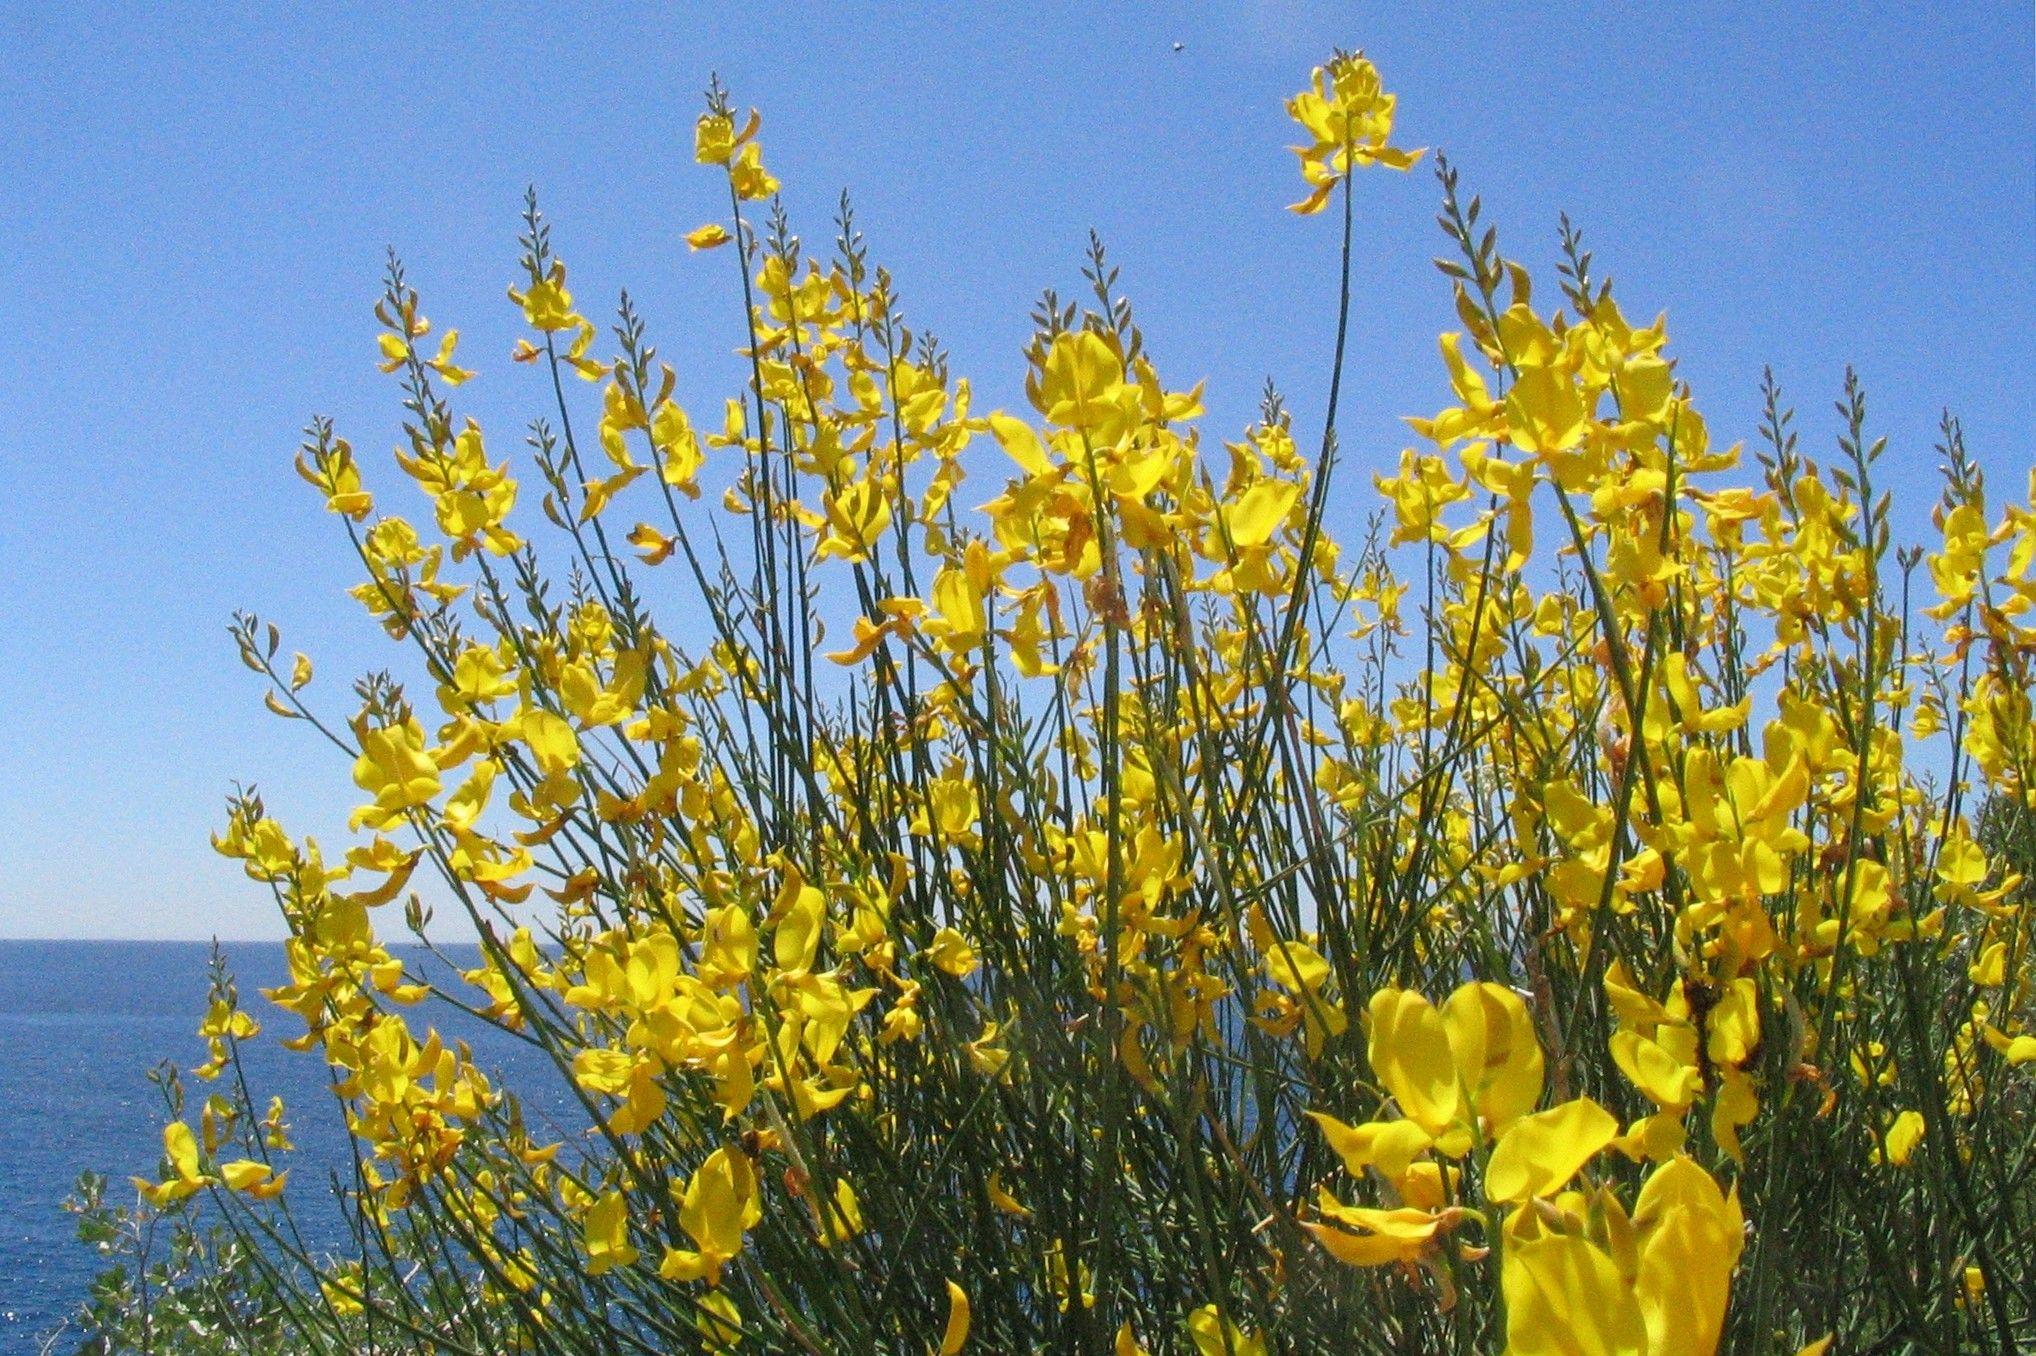 Plante Méditerranéenne Sans Arrosage genêt d'espagne, idéal pour les jardins sans arrosage